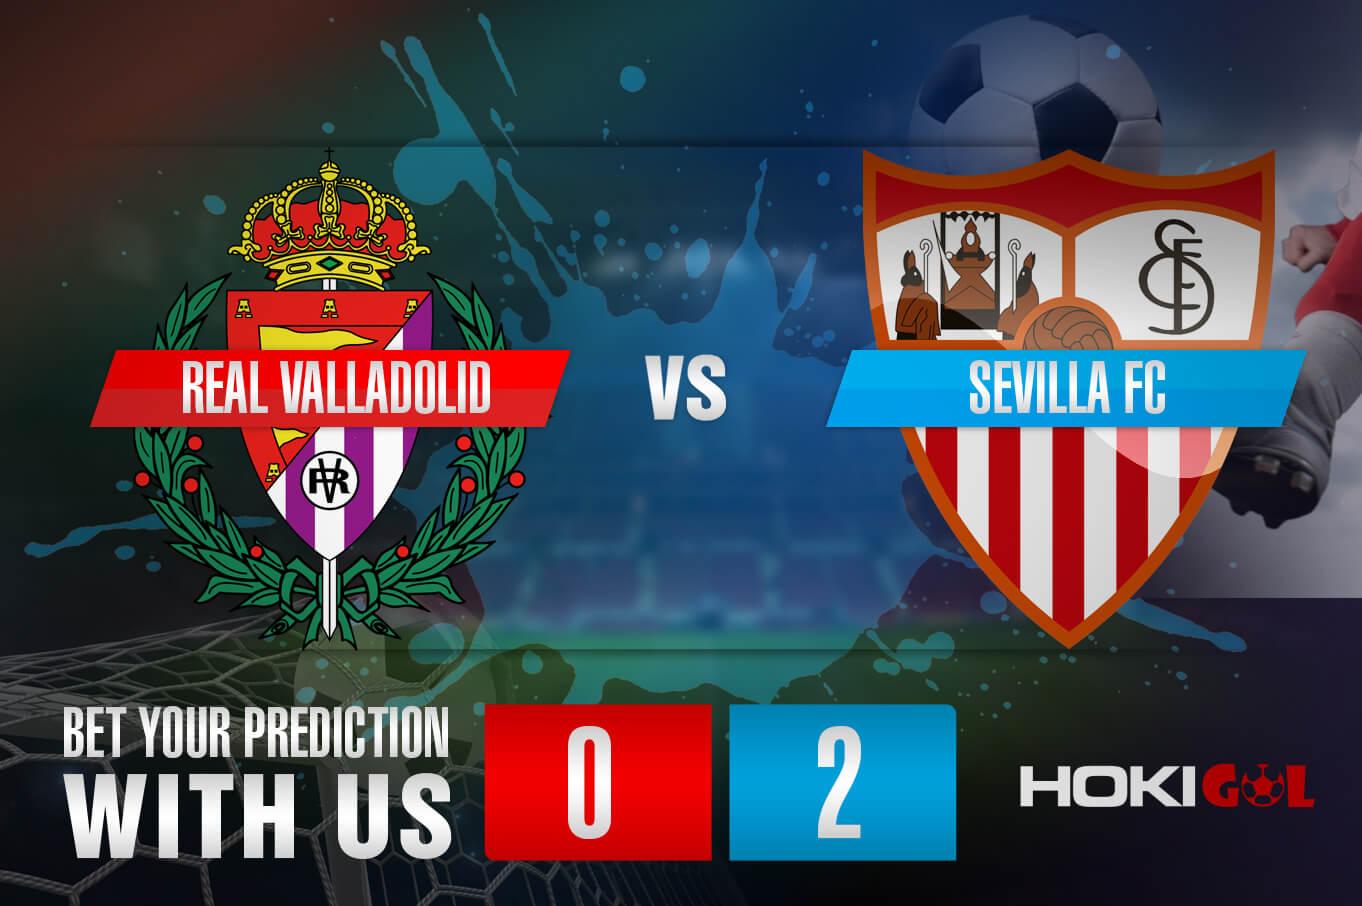 Prediksi Bola Real Valladolid Vs Sevilla FC 21 Maret 2021